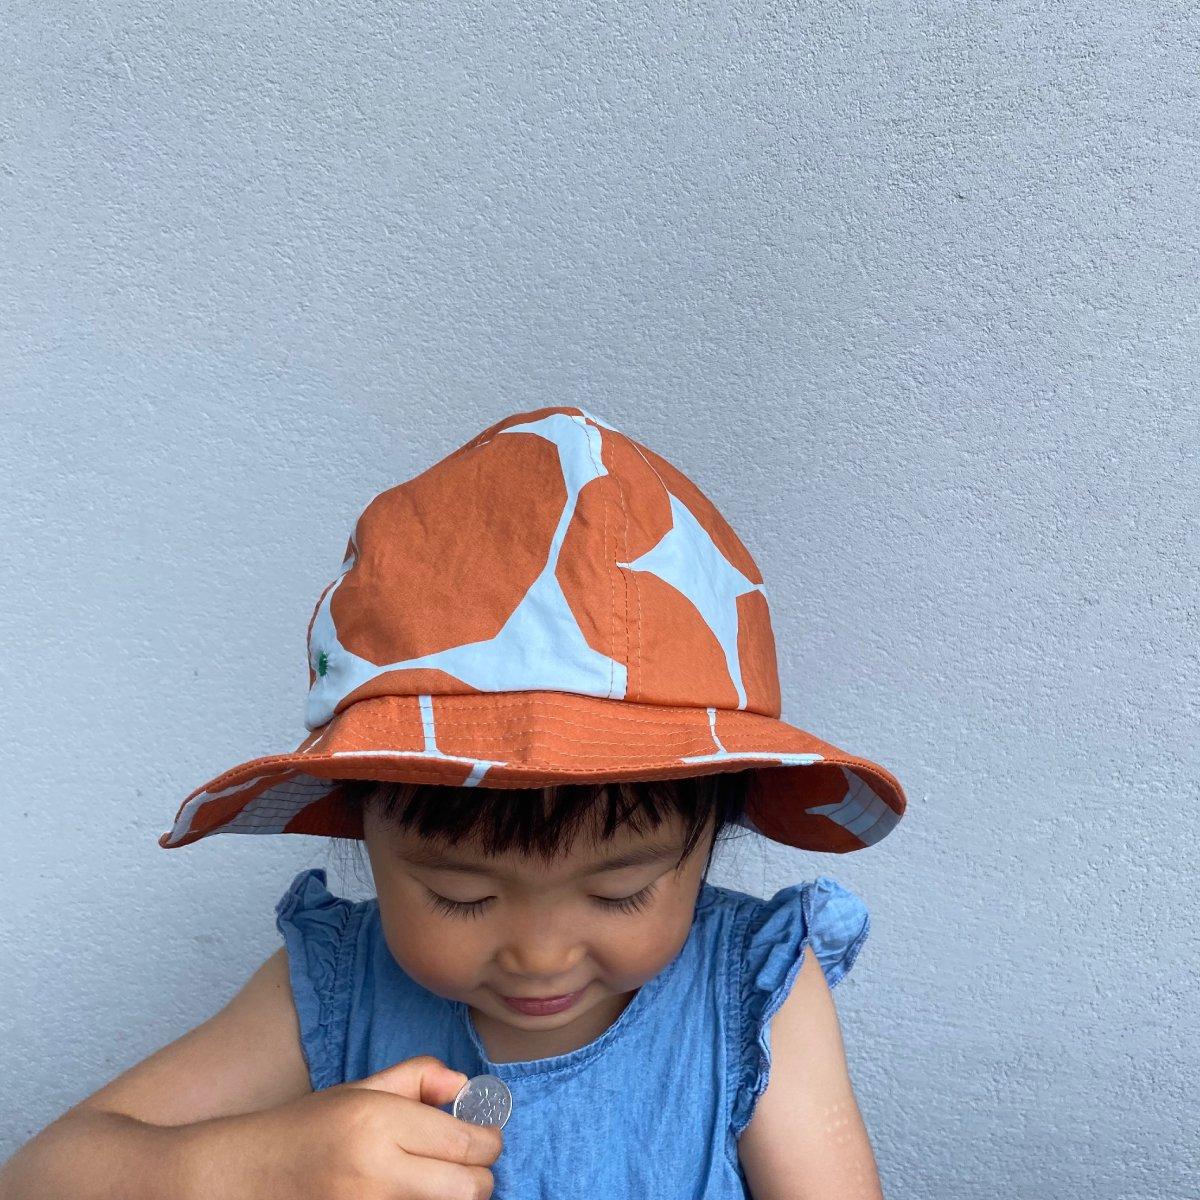 【KIDS】Dot Mountain Hat 詳細画像14